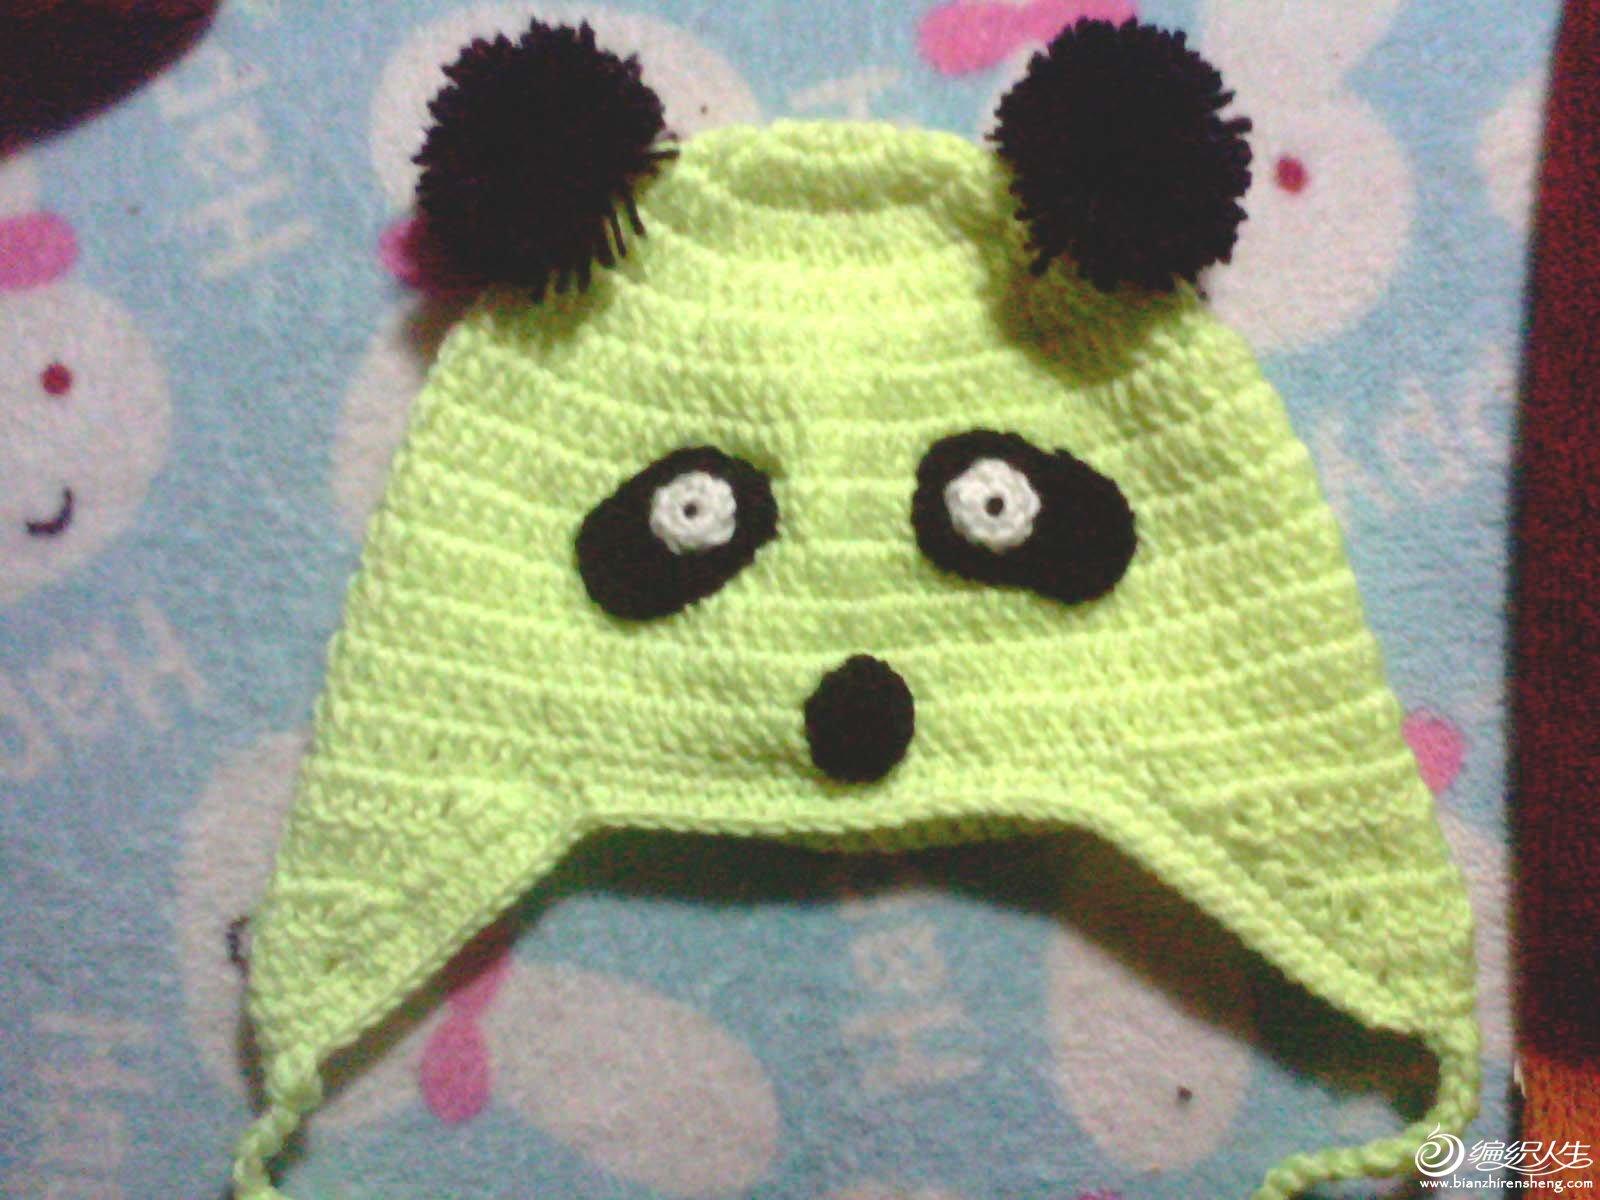 趁热打铁,勾了一个熊猫帽子